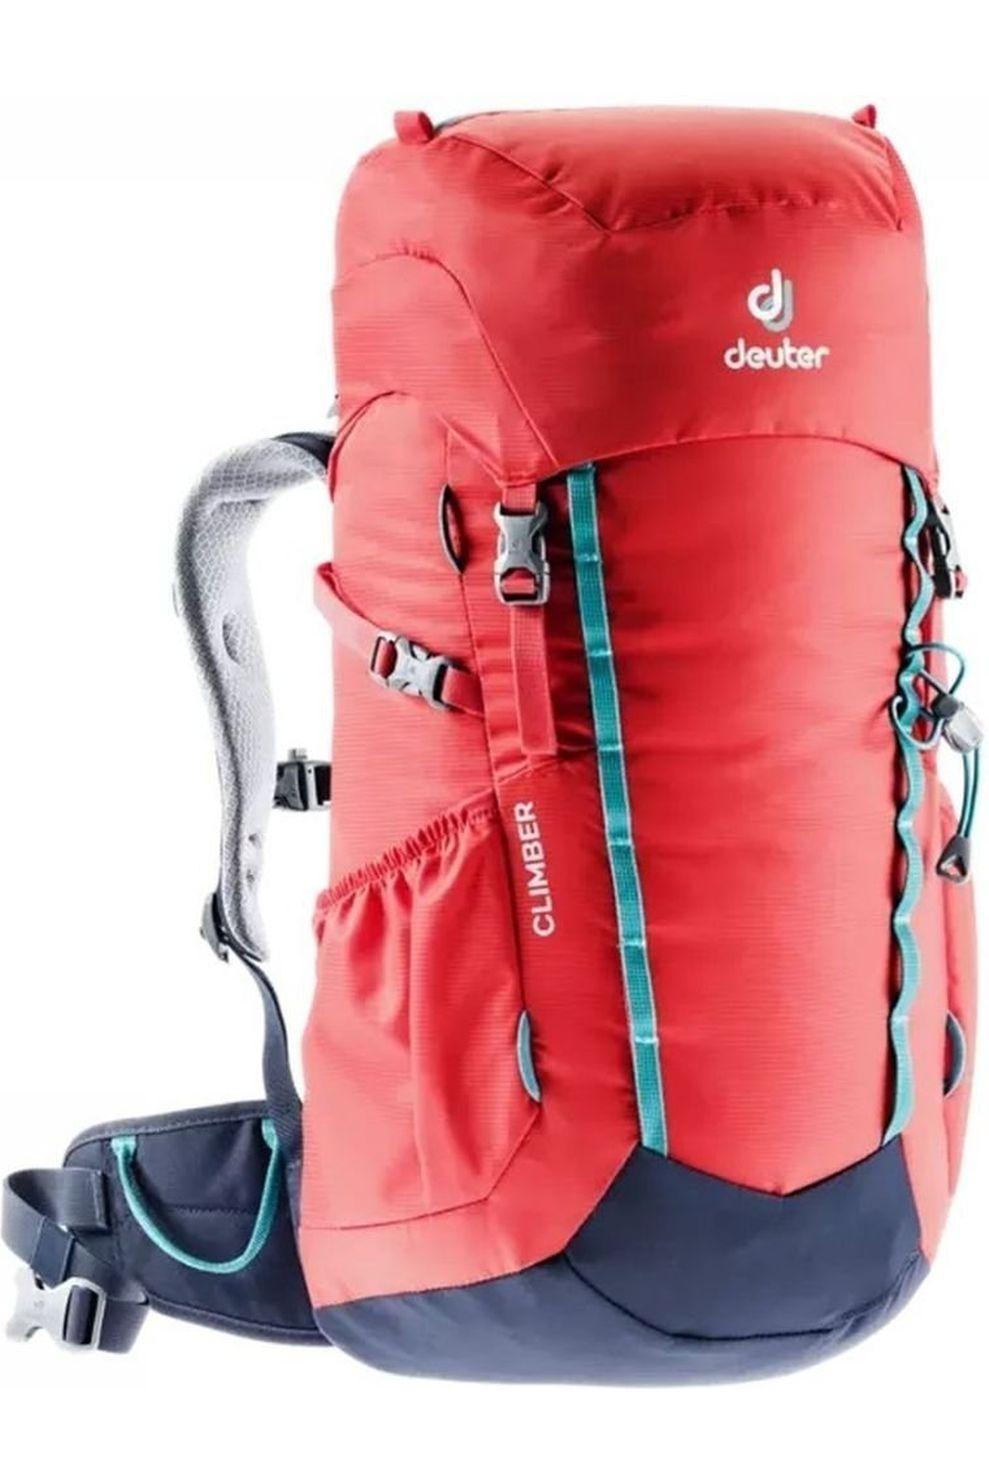 Deuter Dagrugzak Climber voor kids - Rood/Blauw